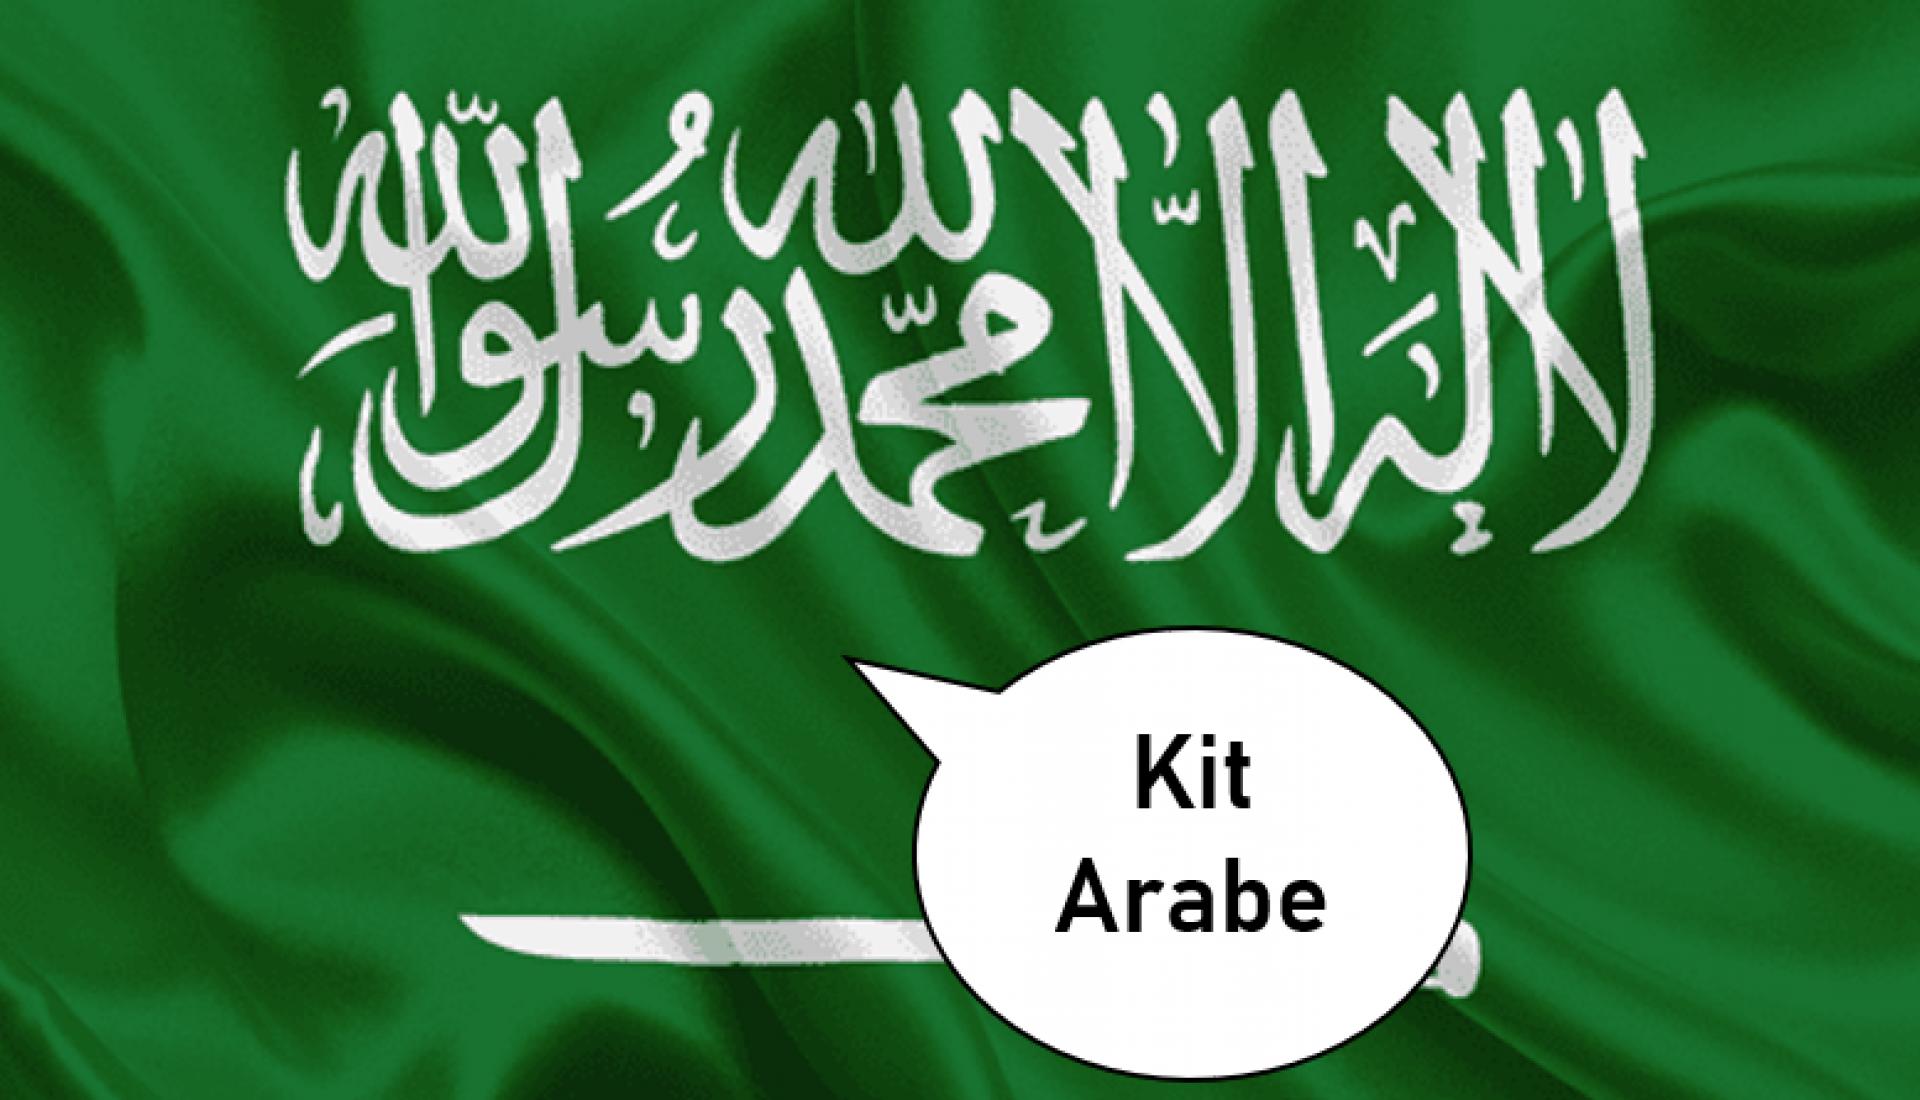 Kit Arabe